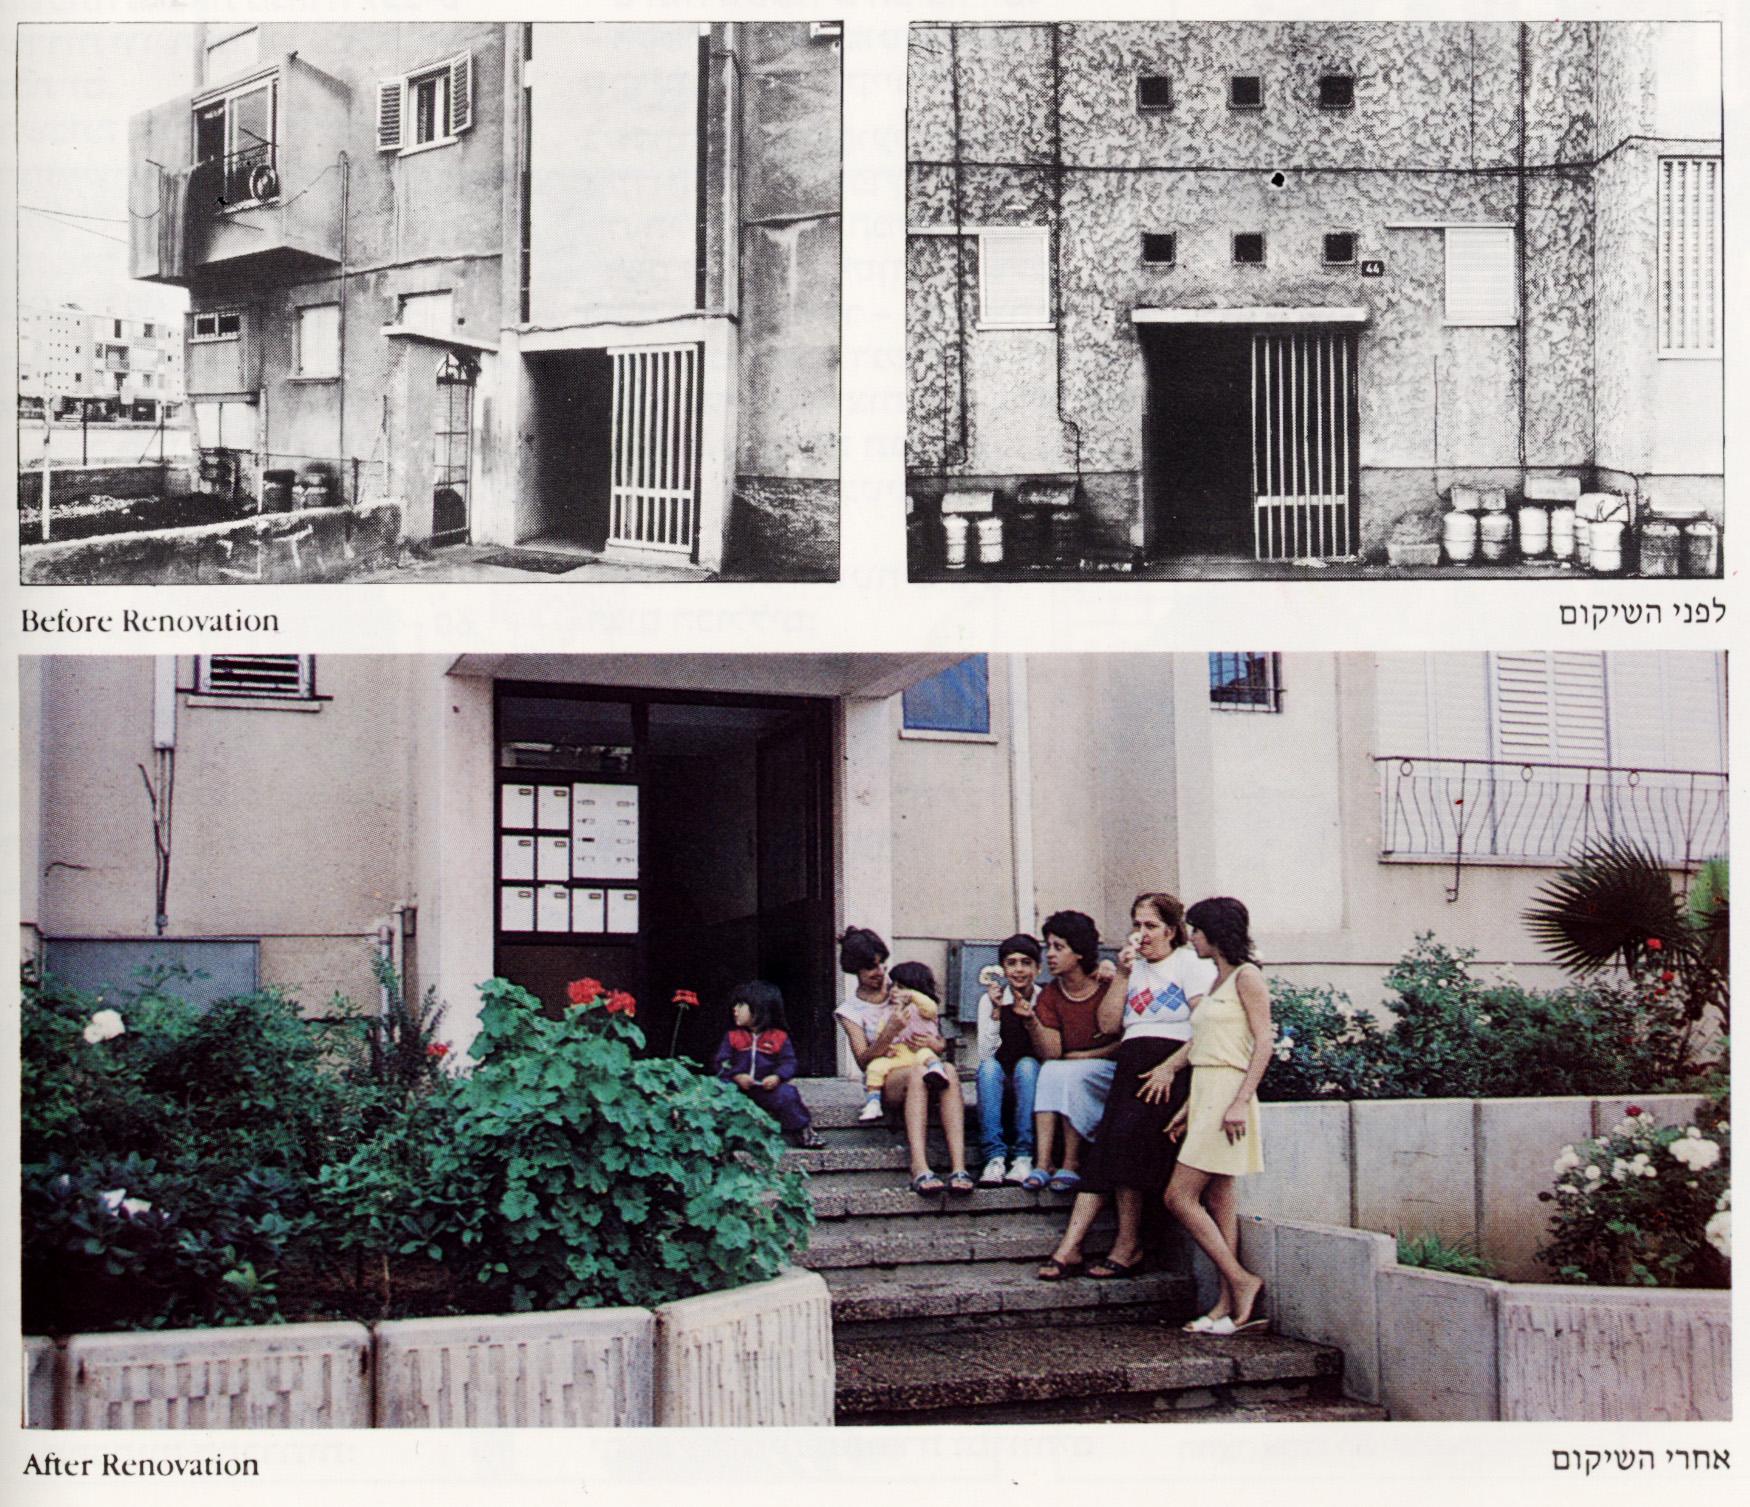 """שיקום שכונות, לפני ואחרי (מתוך """"אדריכלות"""", בטחאון איגוד האדריכלים ומתכנני ערים, גיליון 8 אוגוסט 1986)"""